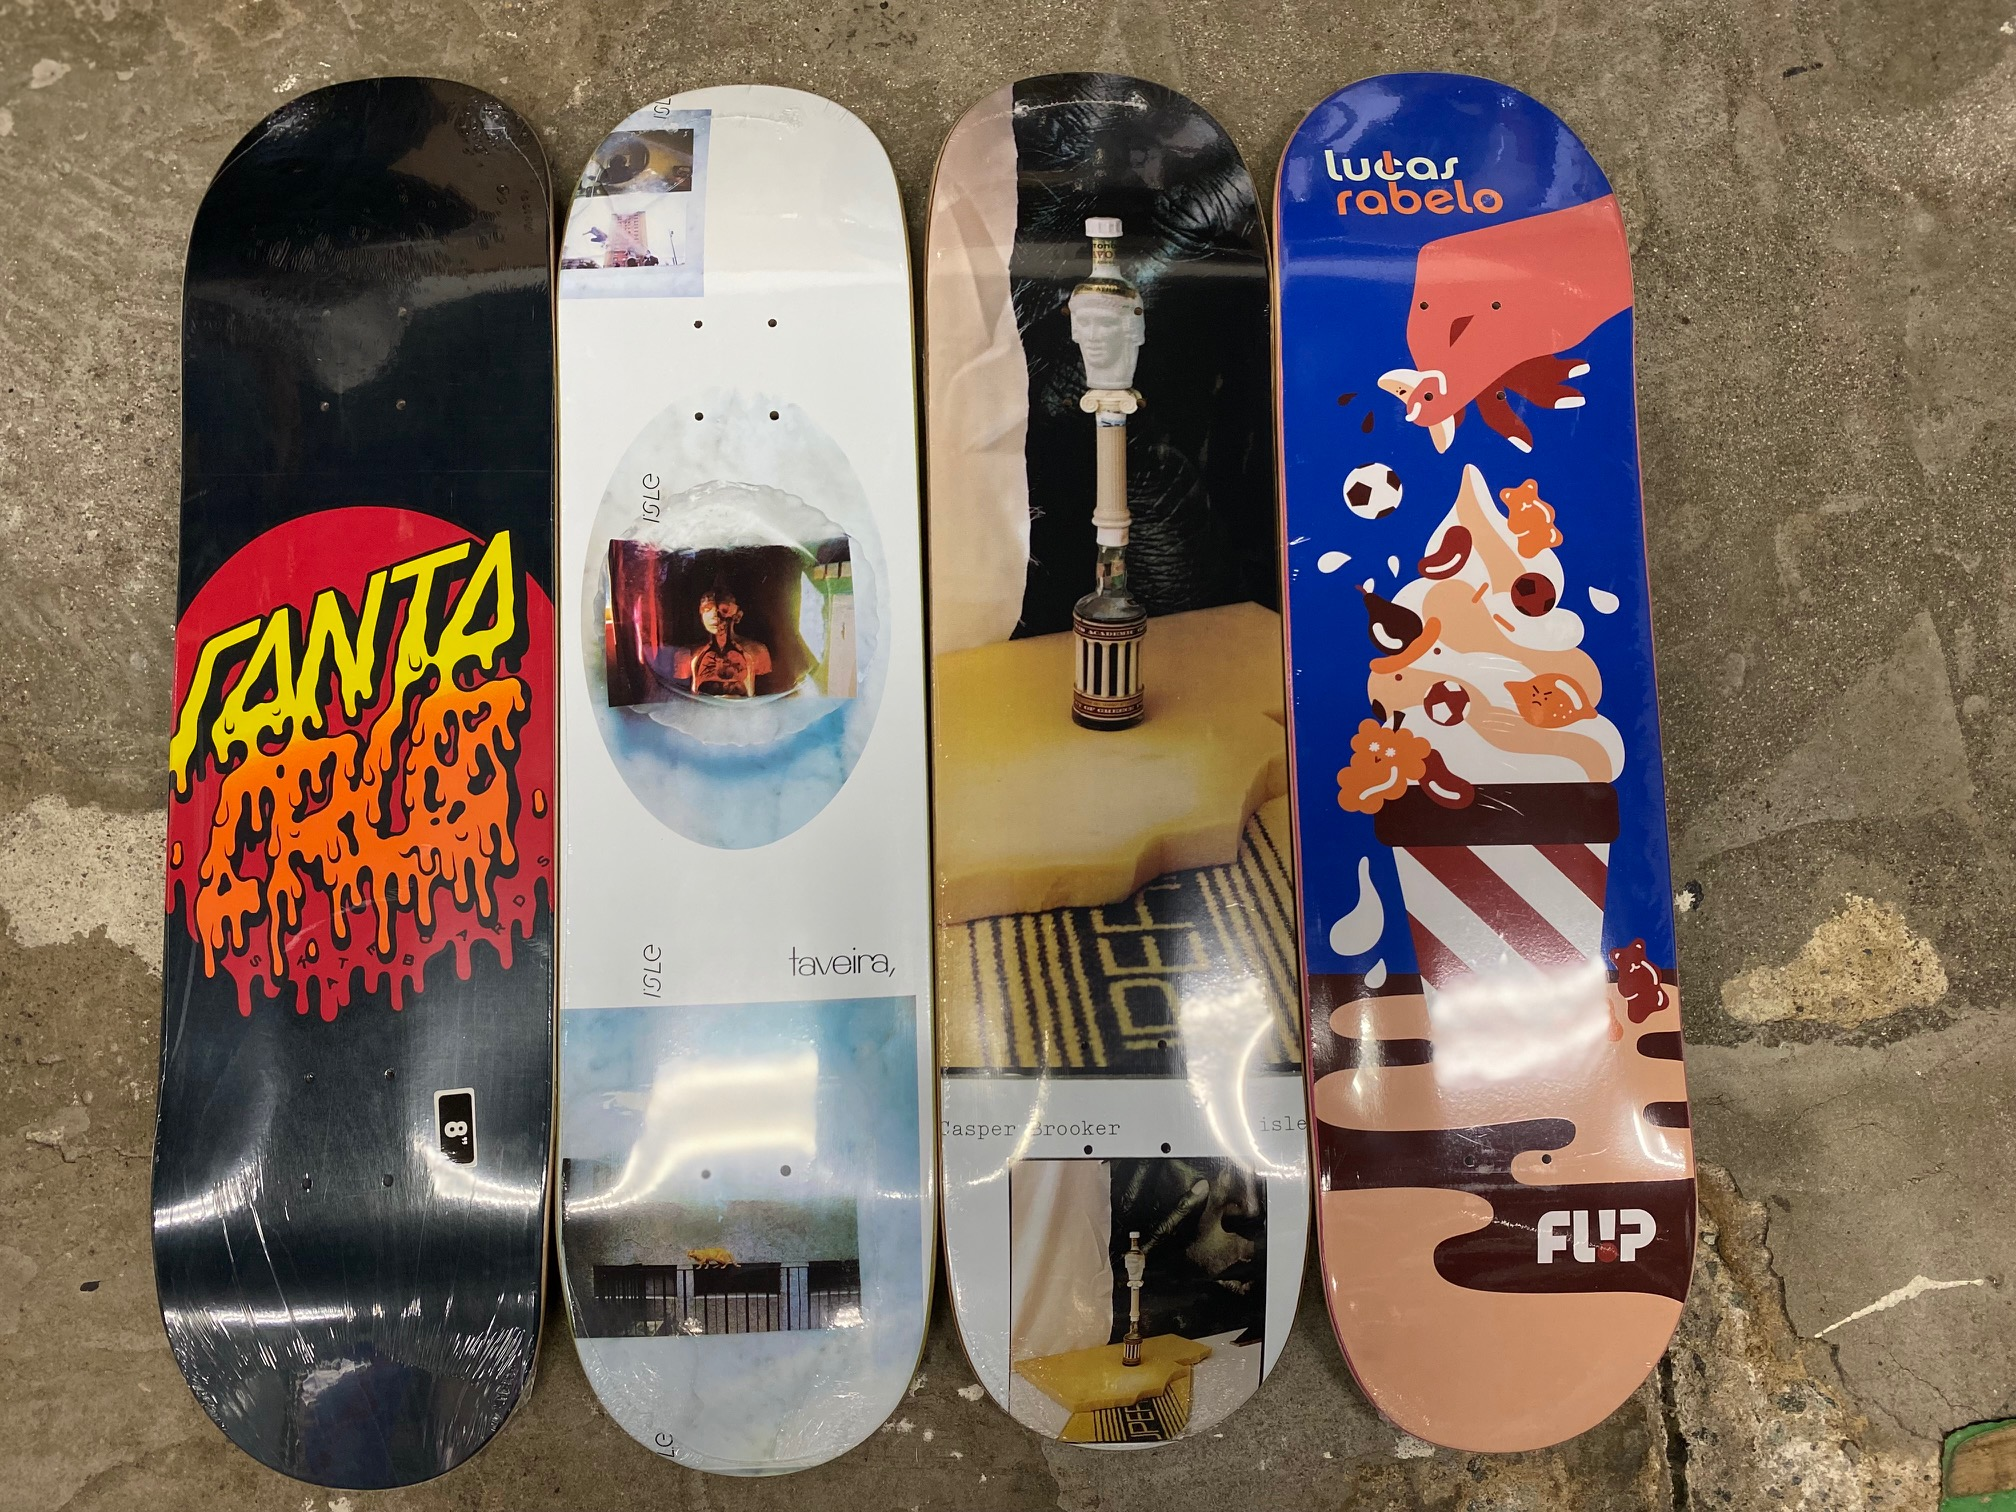 スケートアイテム SANTACRUZ、ISLE、FLIP入荷しました!!